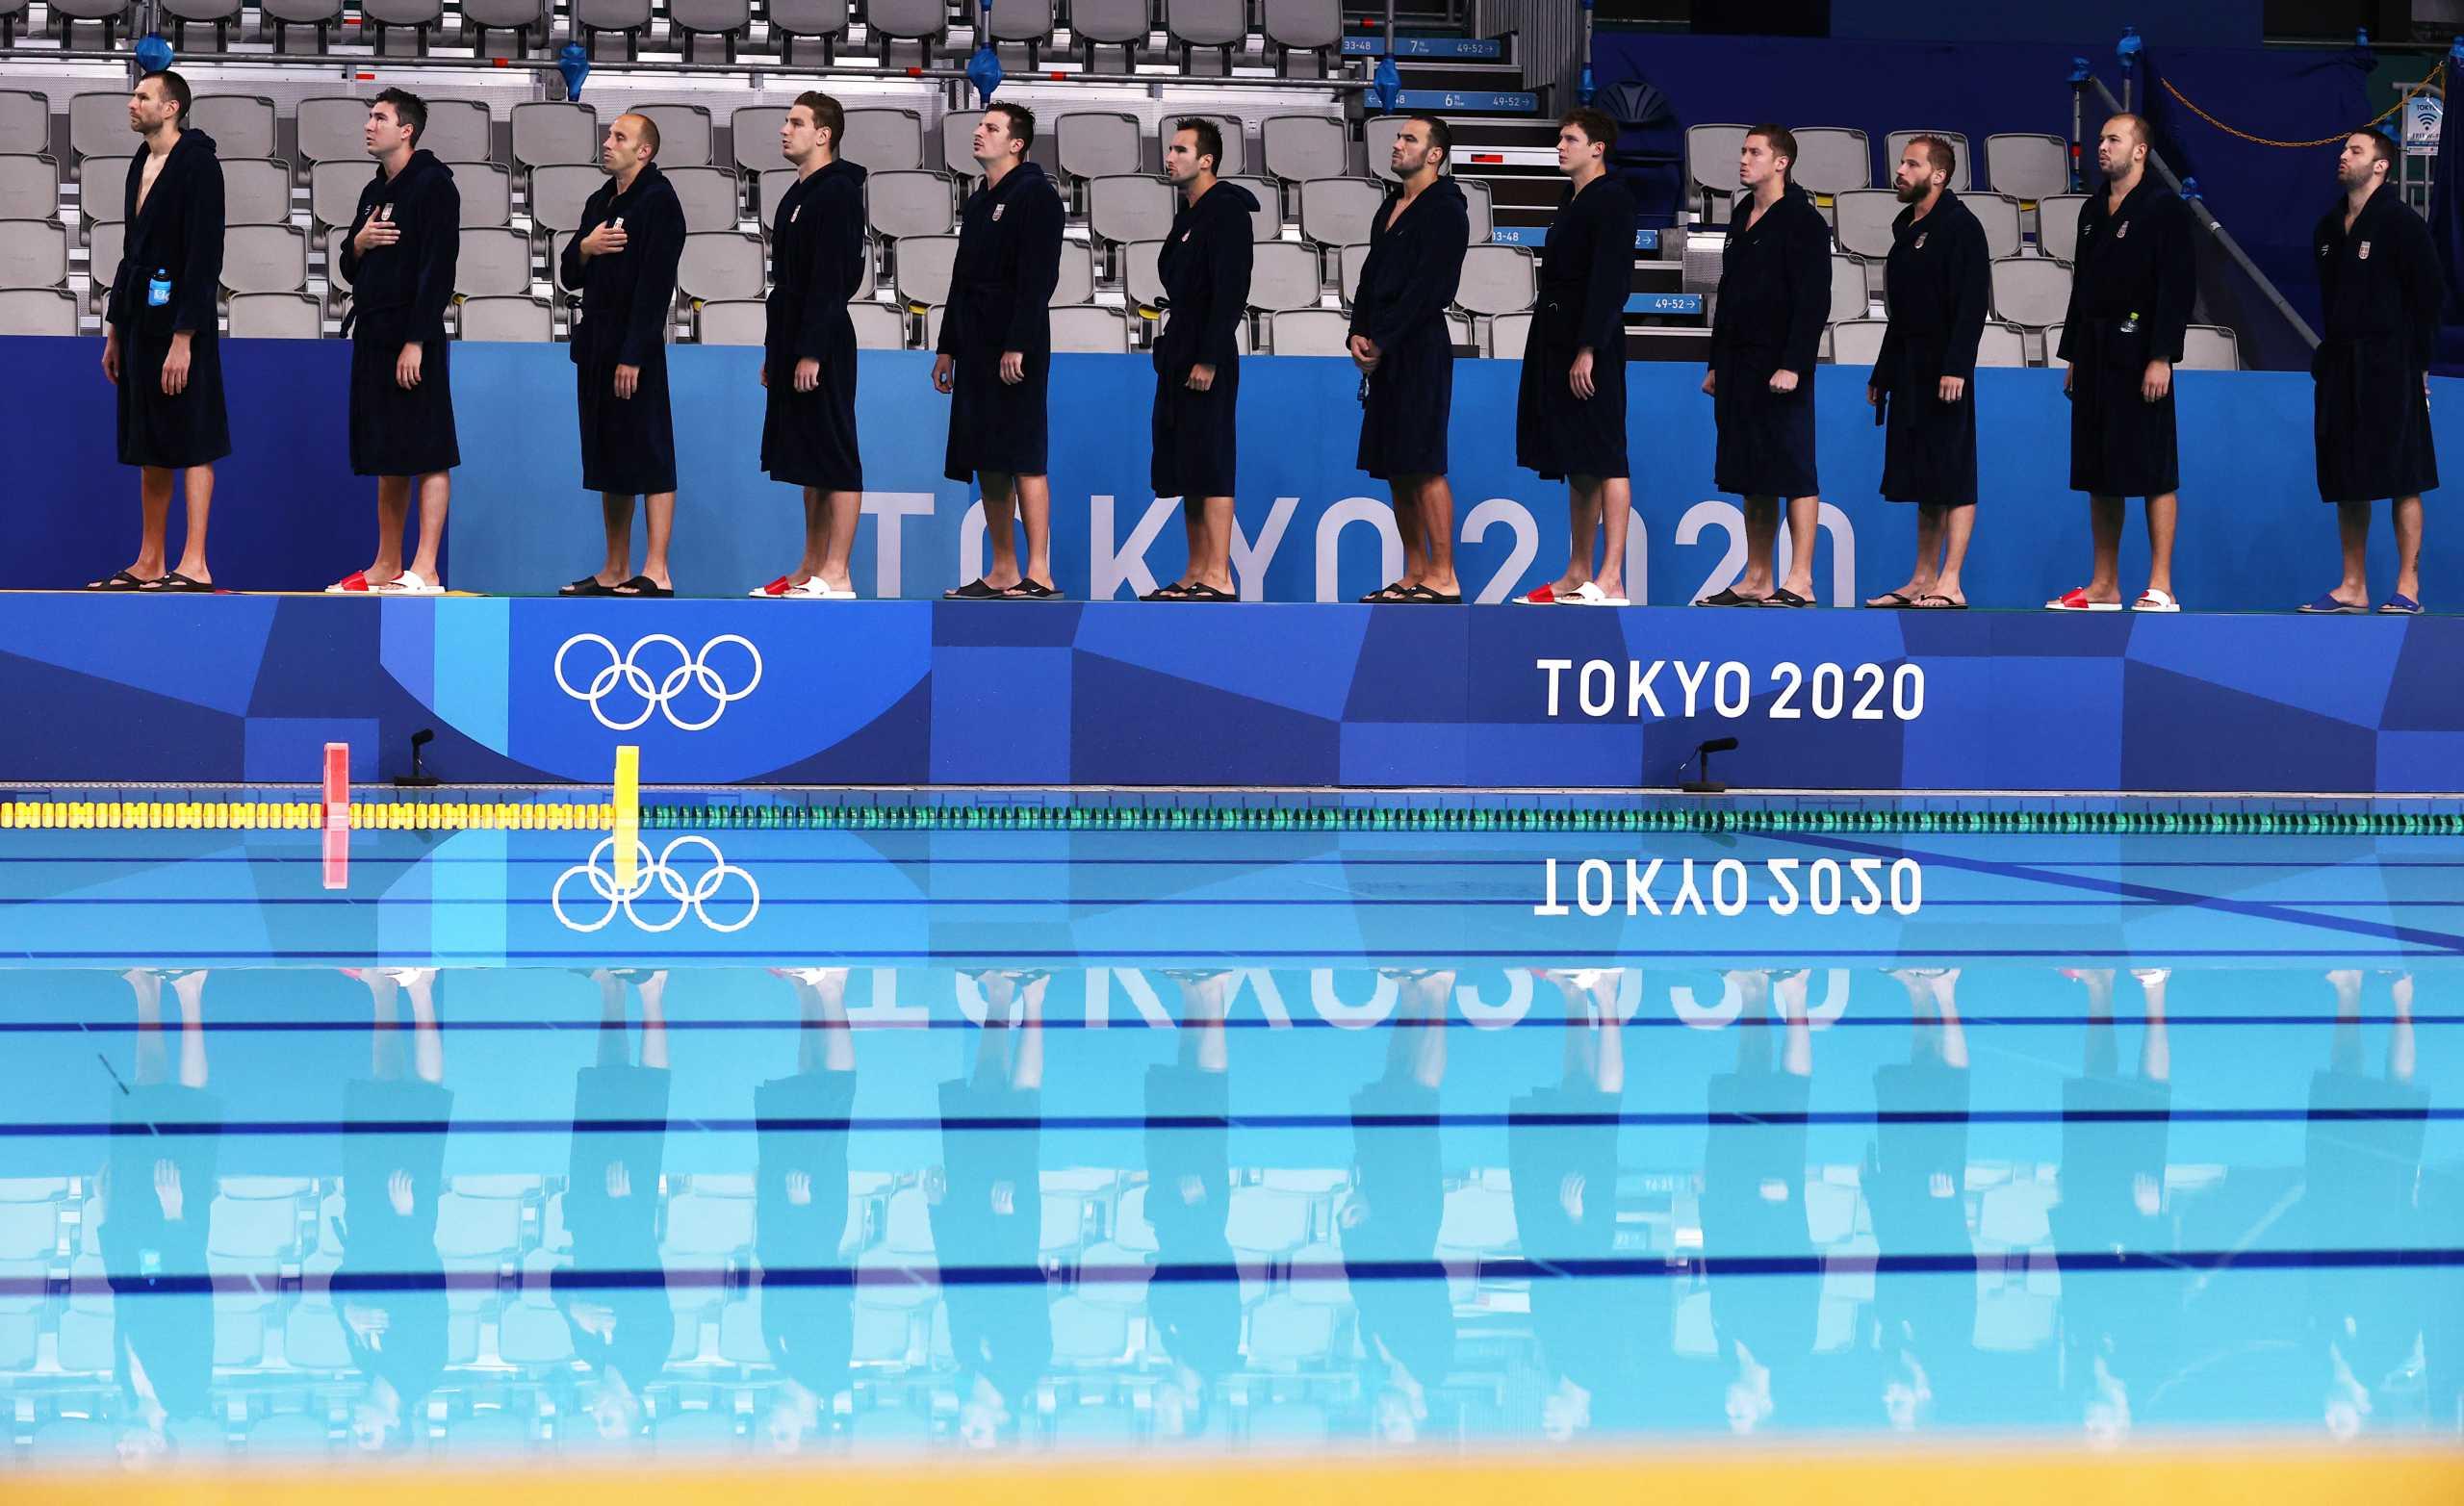 Η Εθνική πόλο ανδρών κόντρα στη Σερβία στον τελικό για το χρυσό στους Ολυμπιακούς Αγώνες